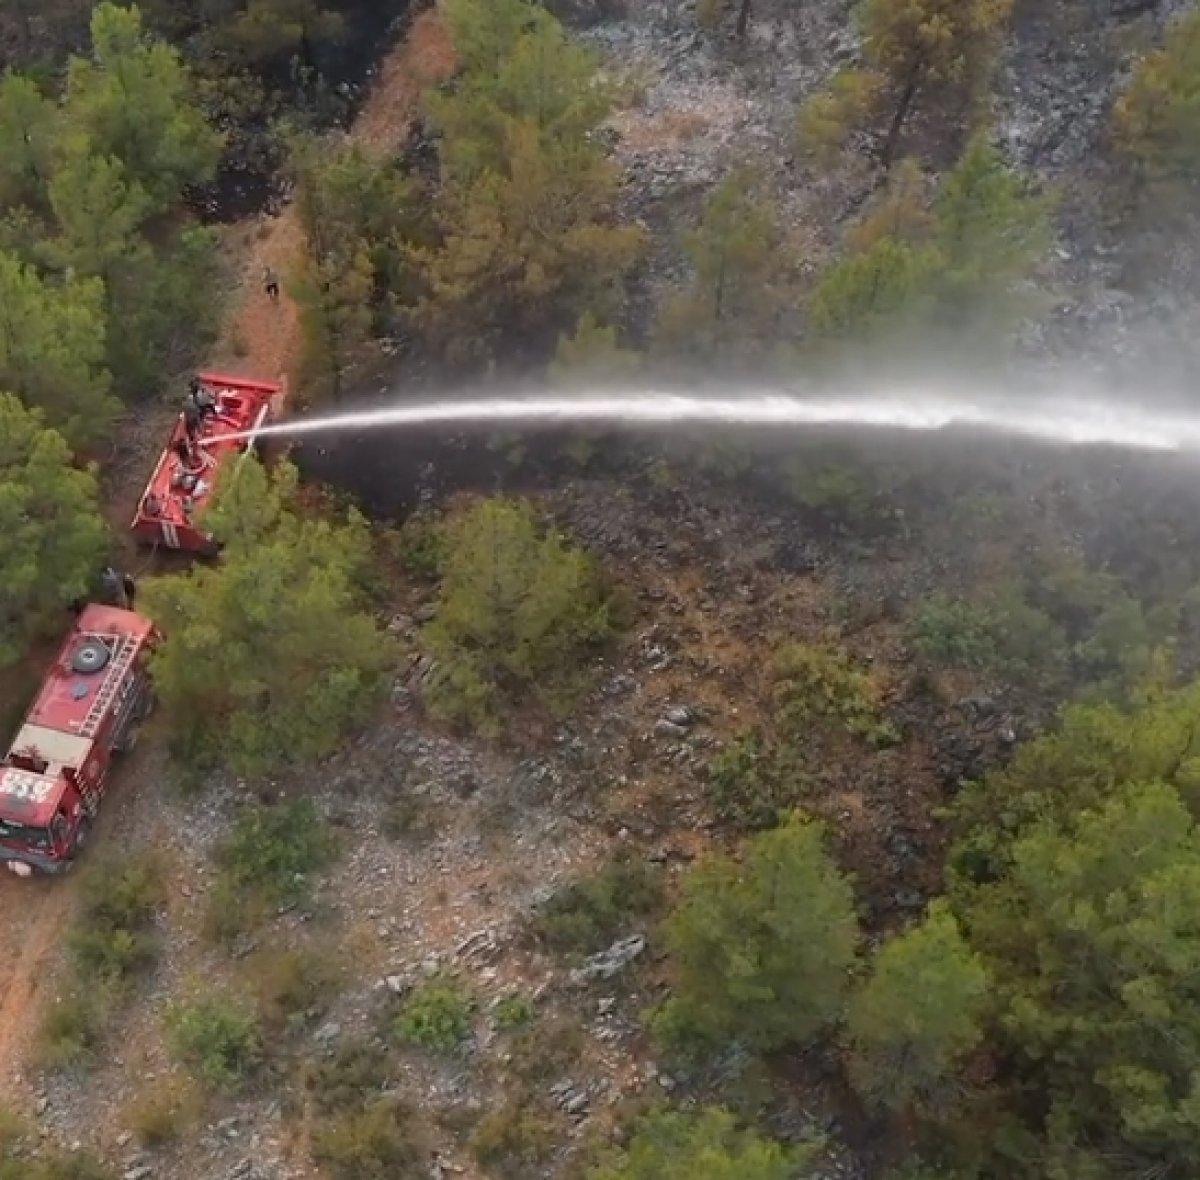 Türkiye nin orman yangınlarıyla mücadelesi #4